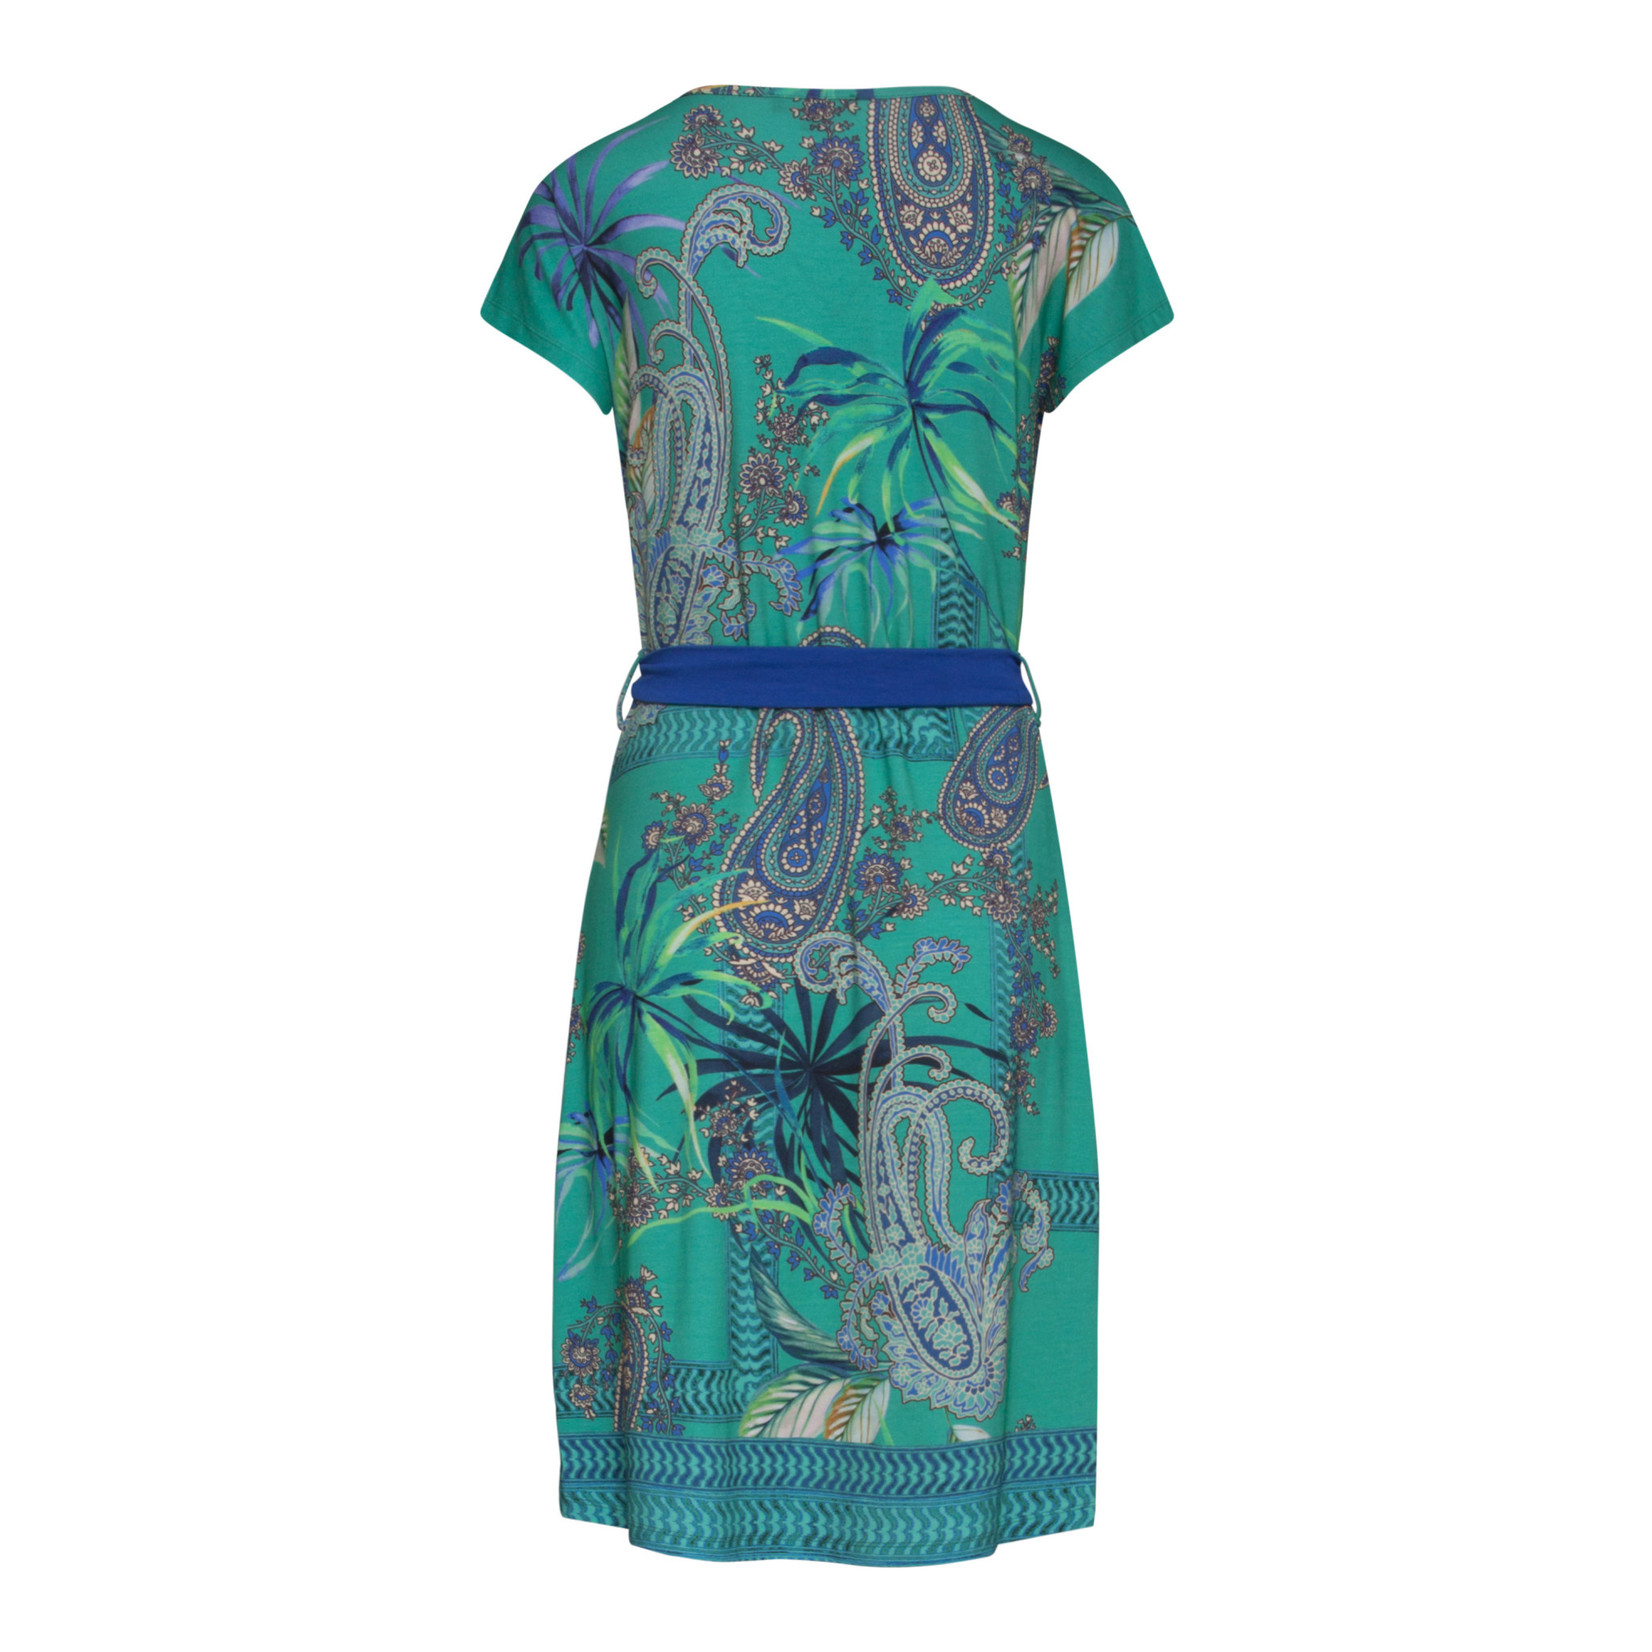 Smashed Lemon Smashed Lemon Dress 21192 Turquoise - Multi